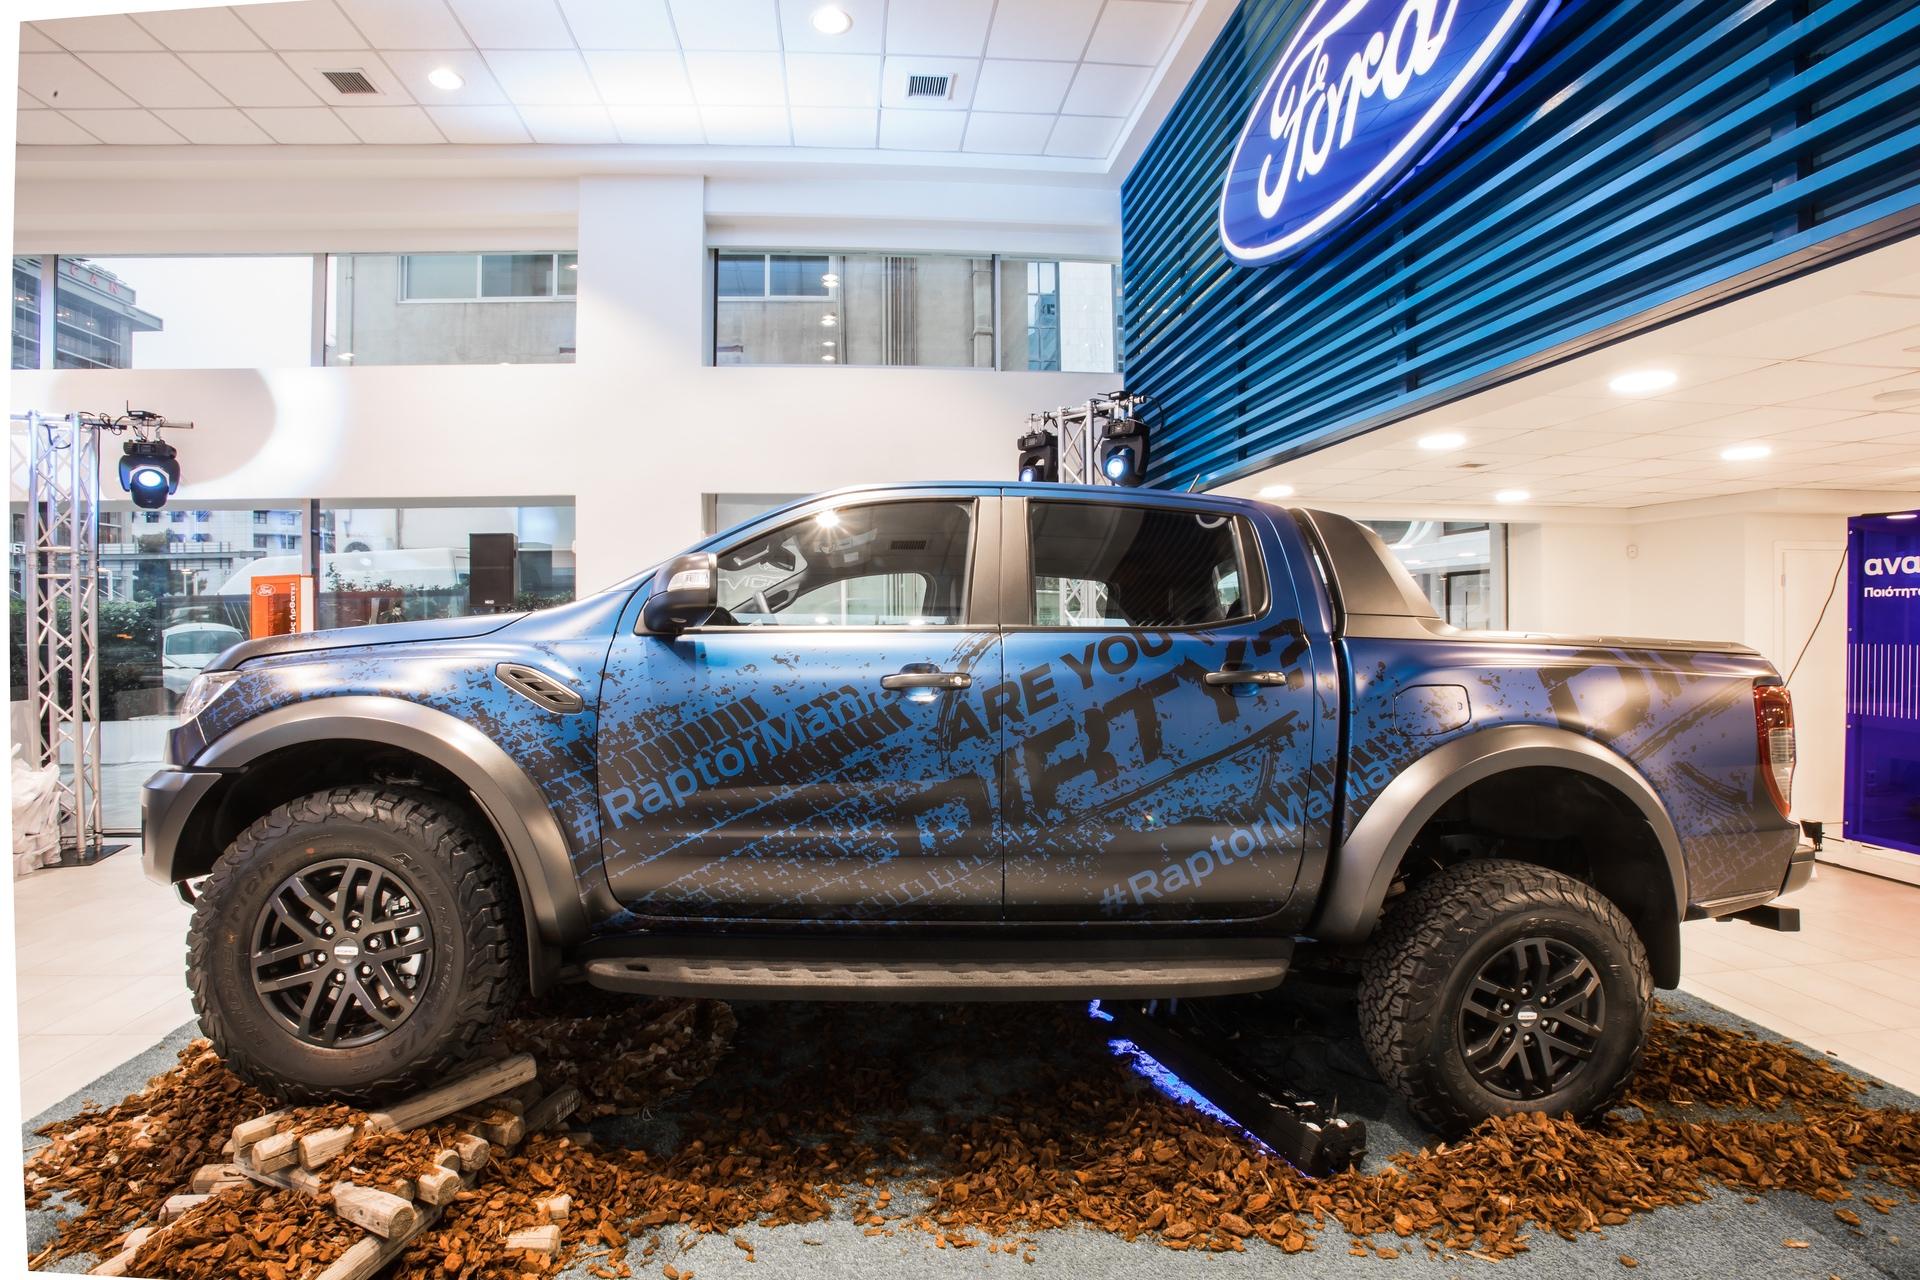 Ford_Ranger_Raptor_greek_resentation_0015